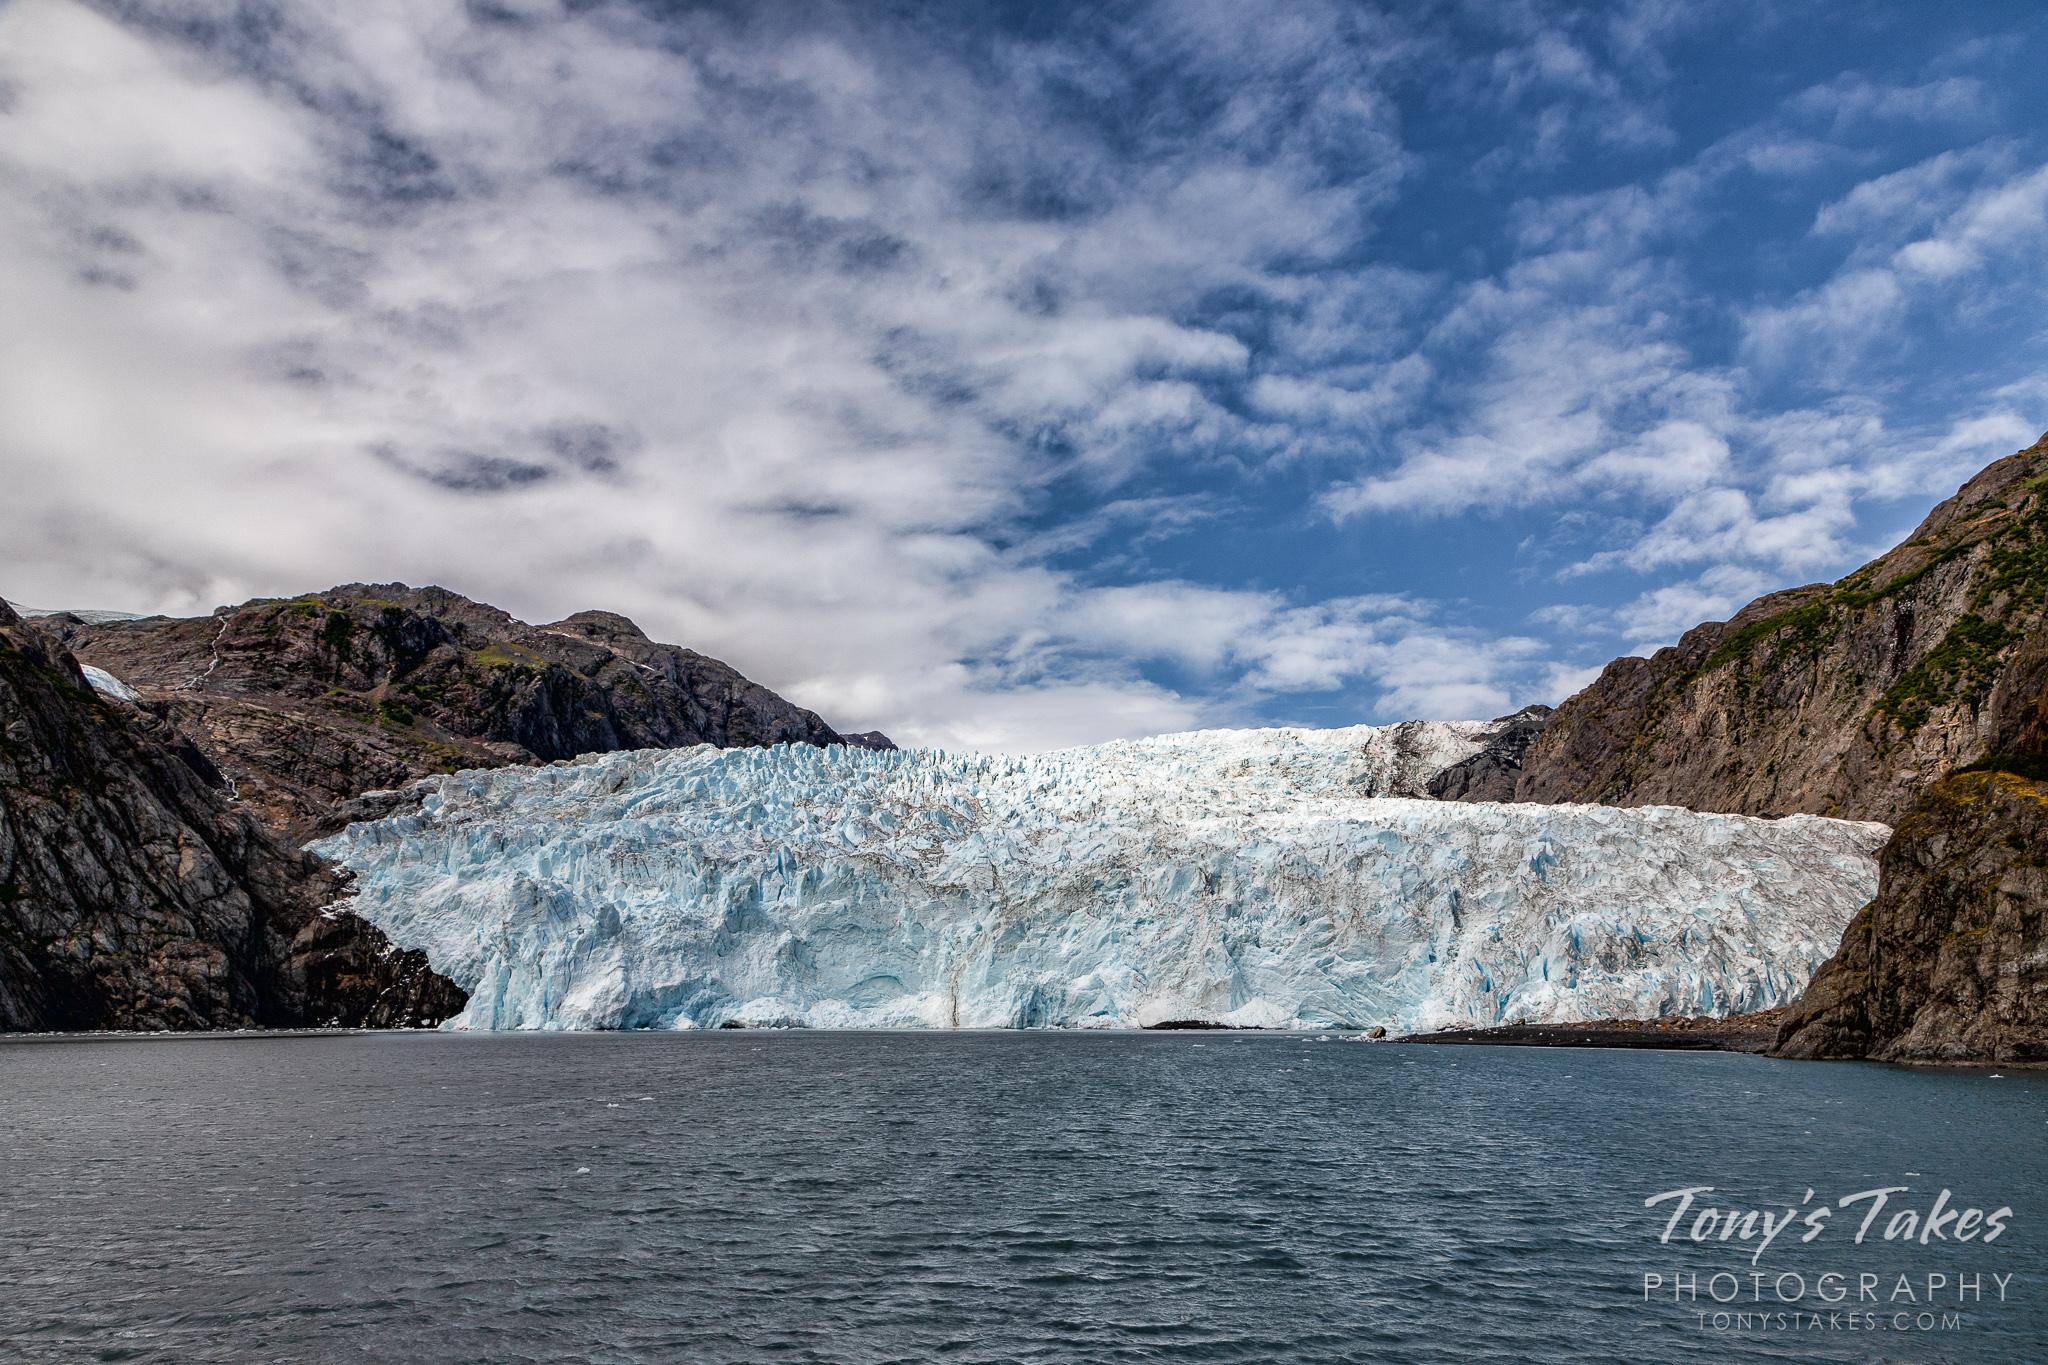 Big glacier, little birds